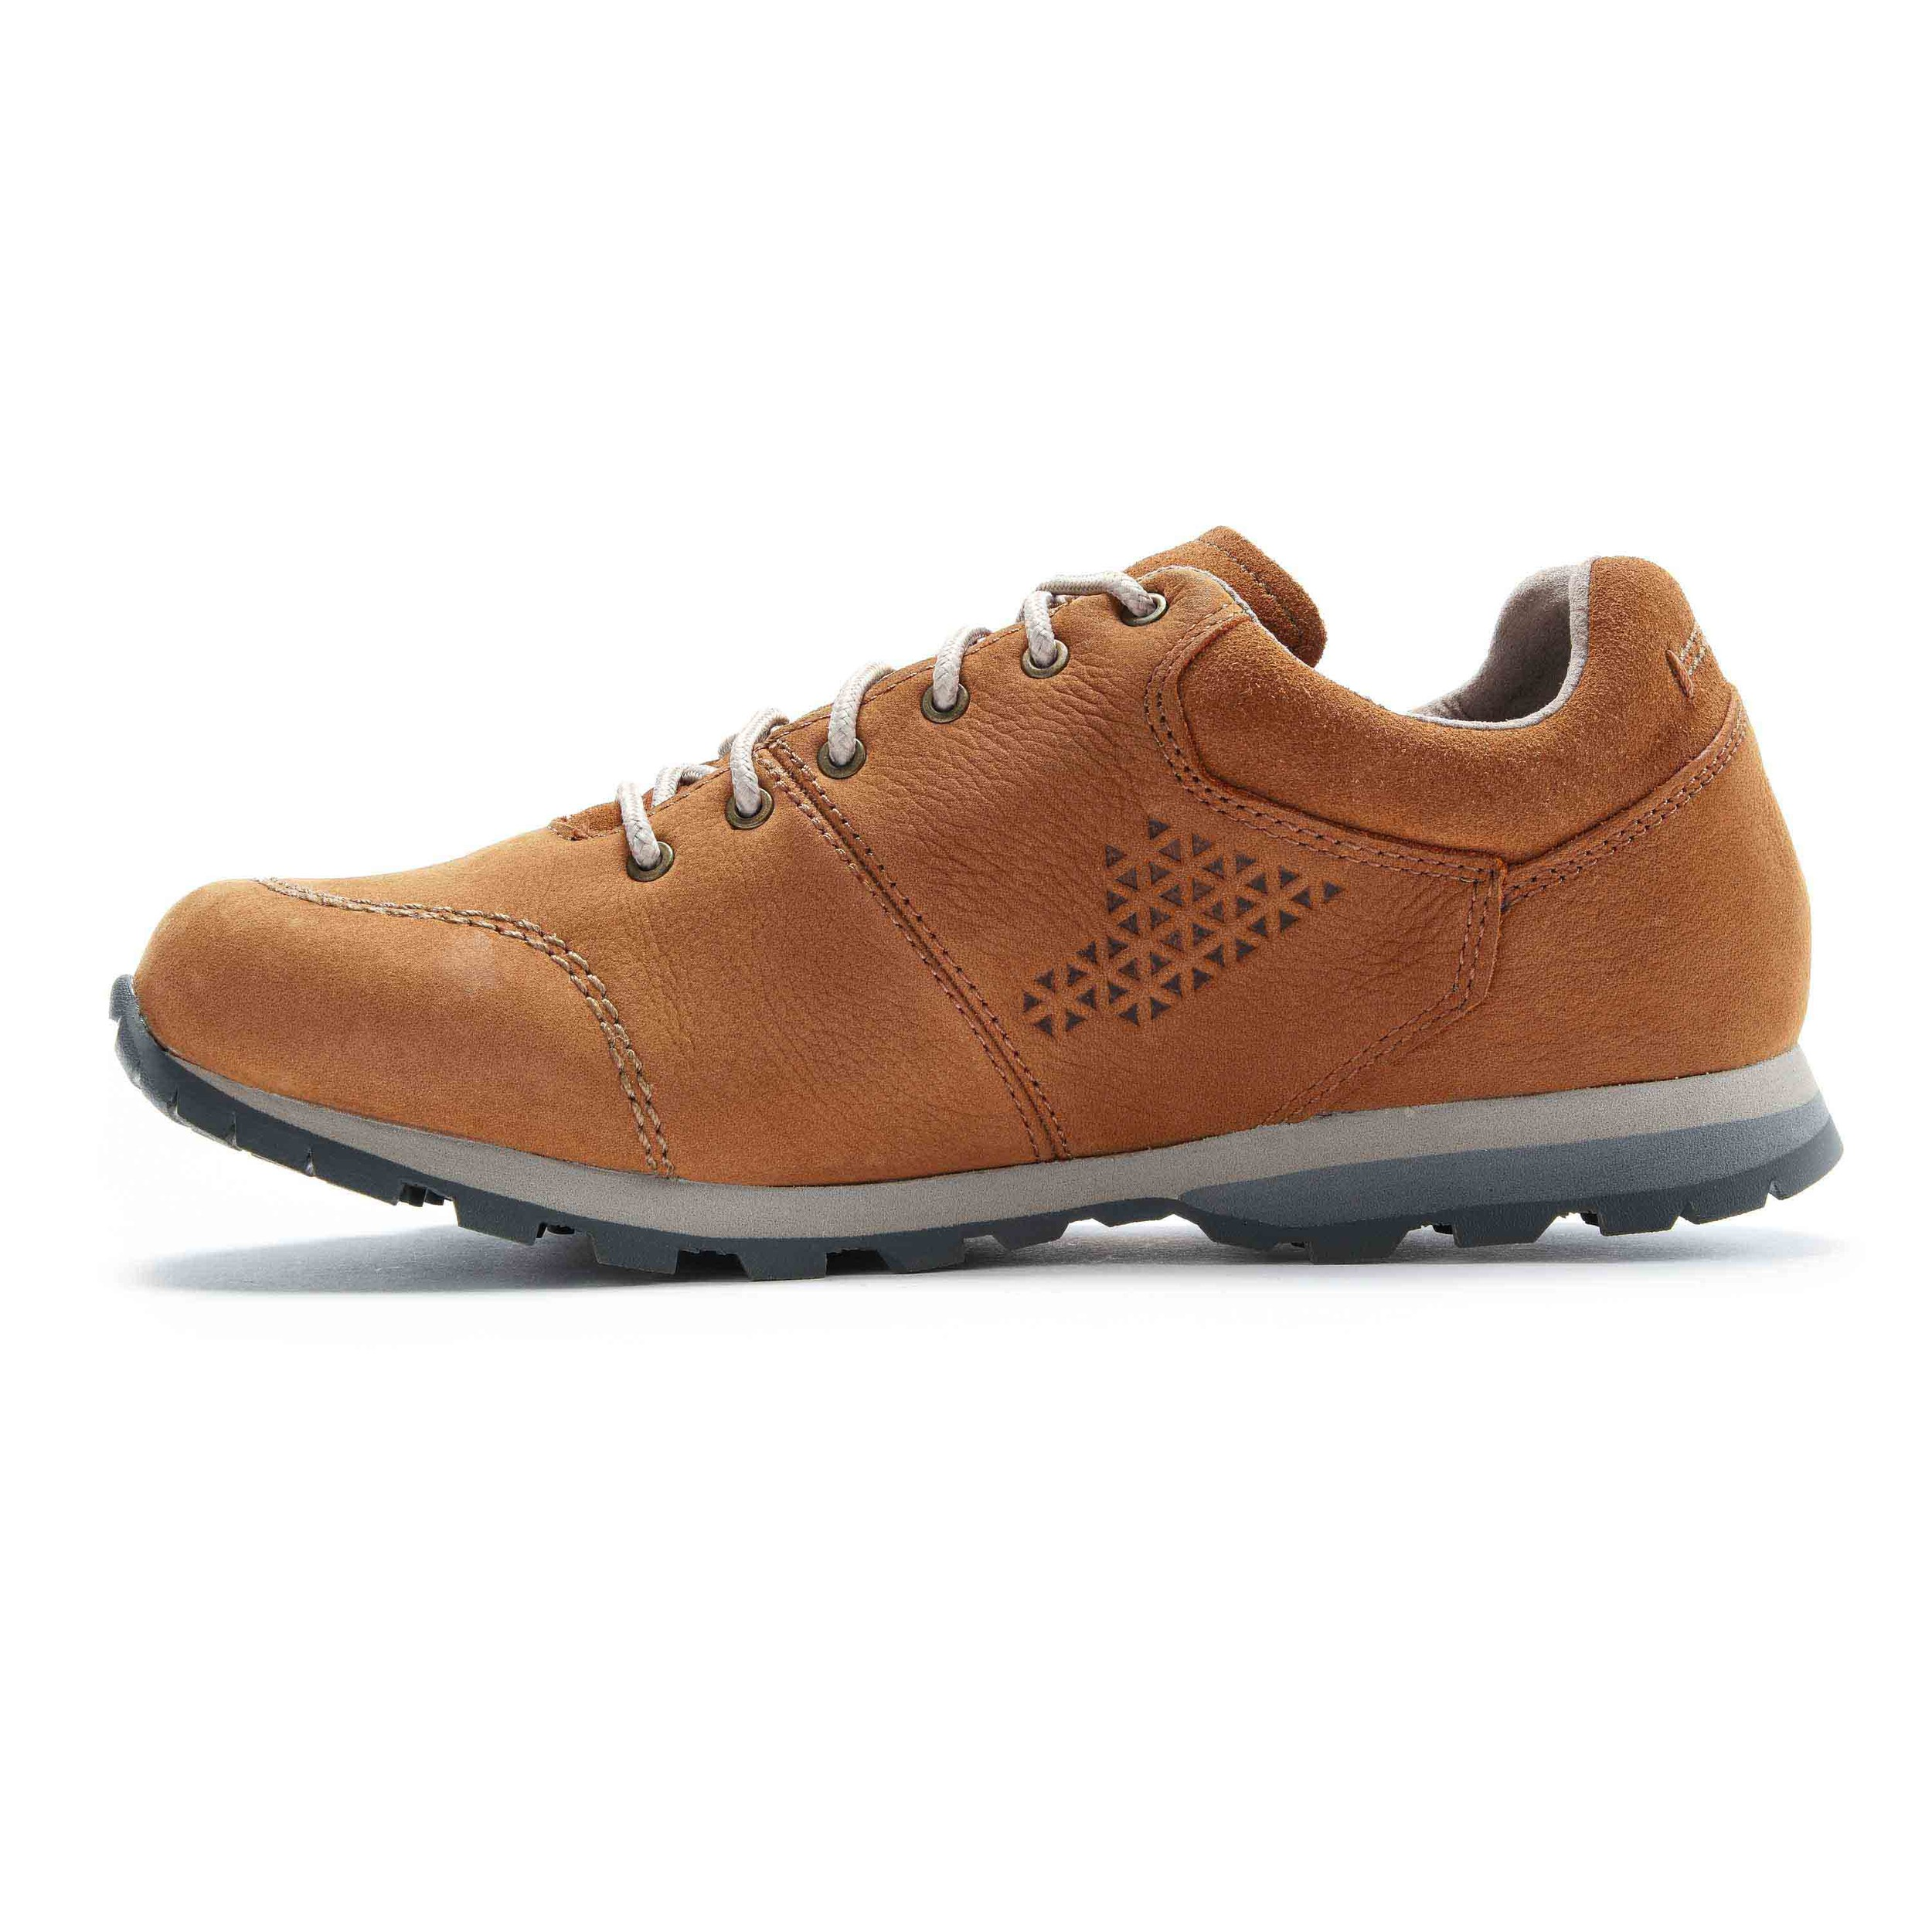 Dachstein Mens Skyline LC GORE-TEX Walking Shoes Trekking Sn